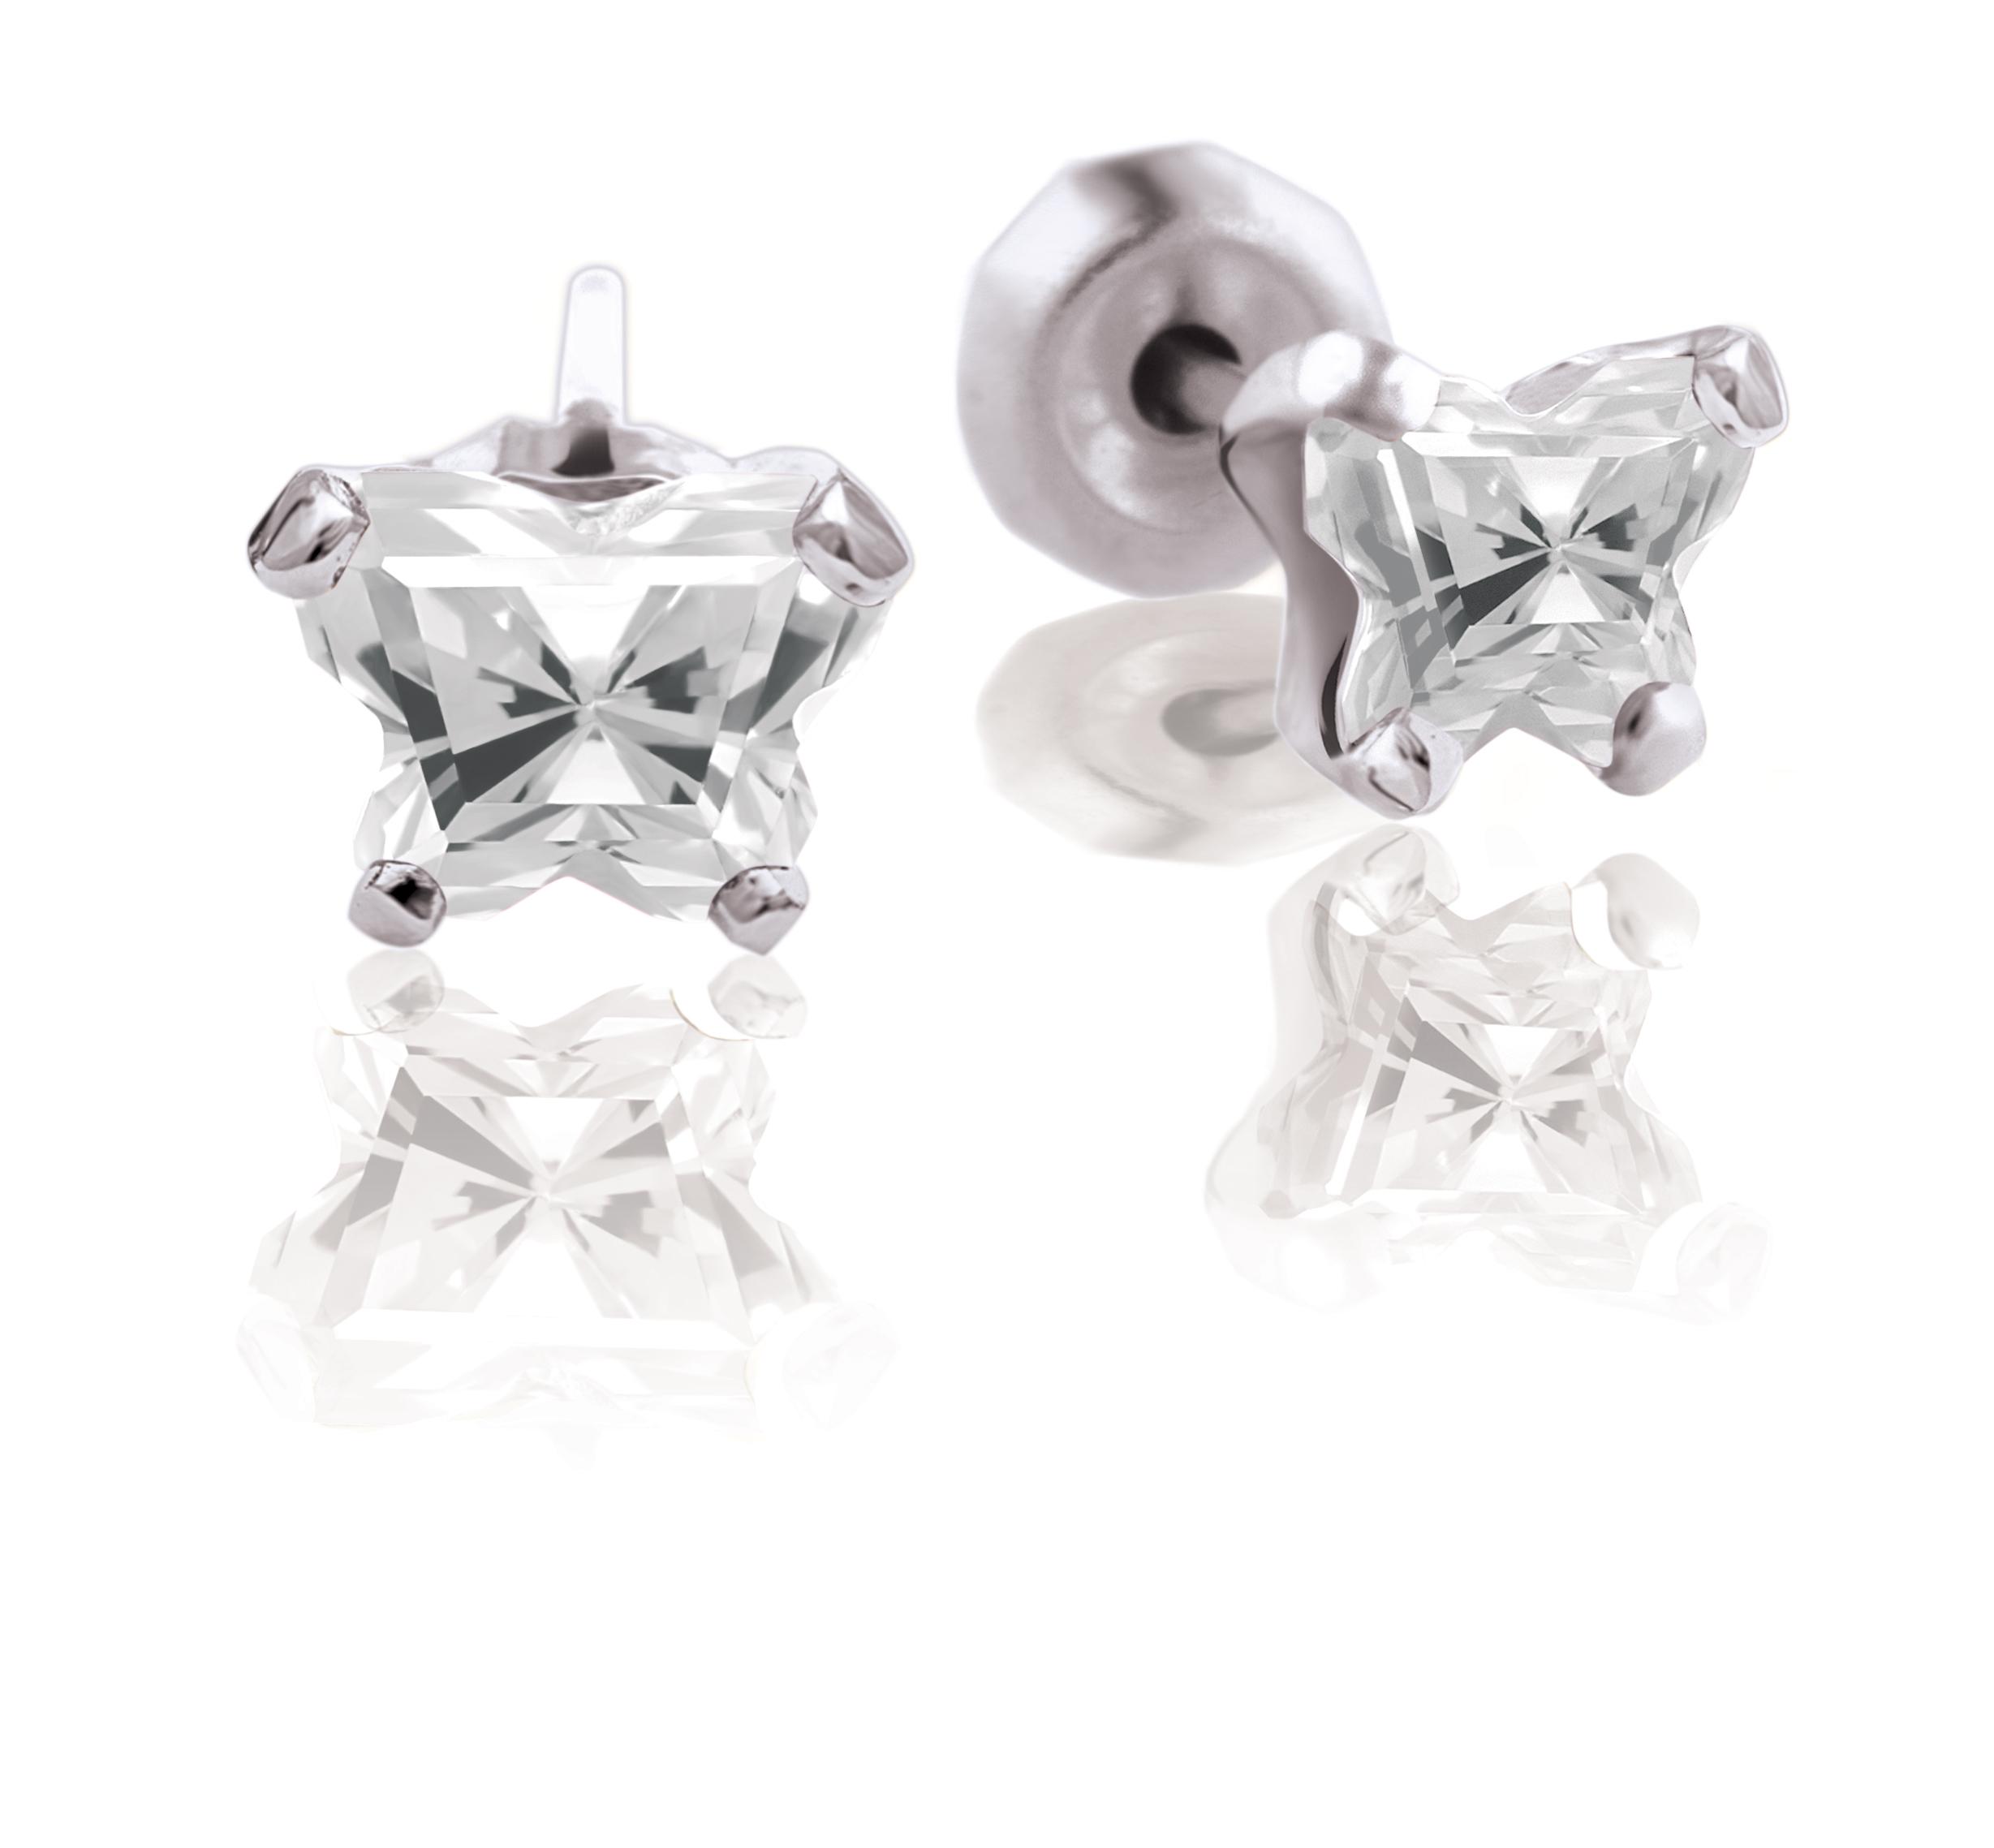 Boucles d'oreilles BFLY à tiges fixes pour bébé - Argent sterling & zircons cubiques (mois d'avril)